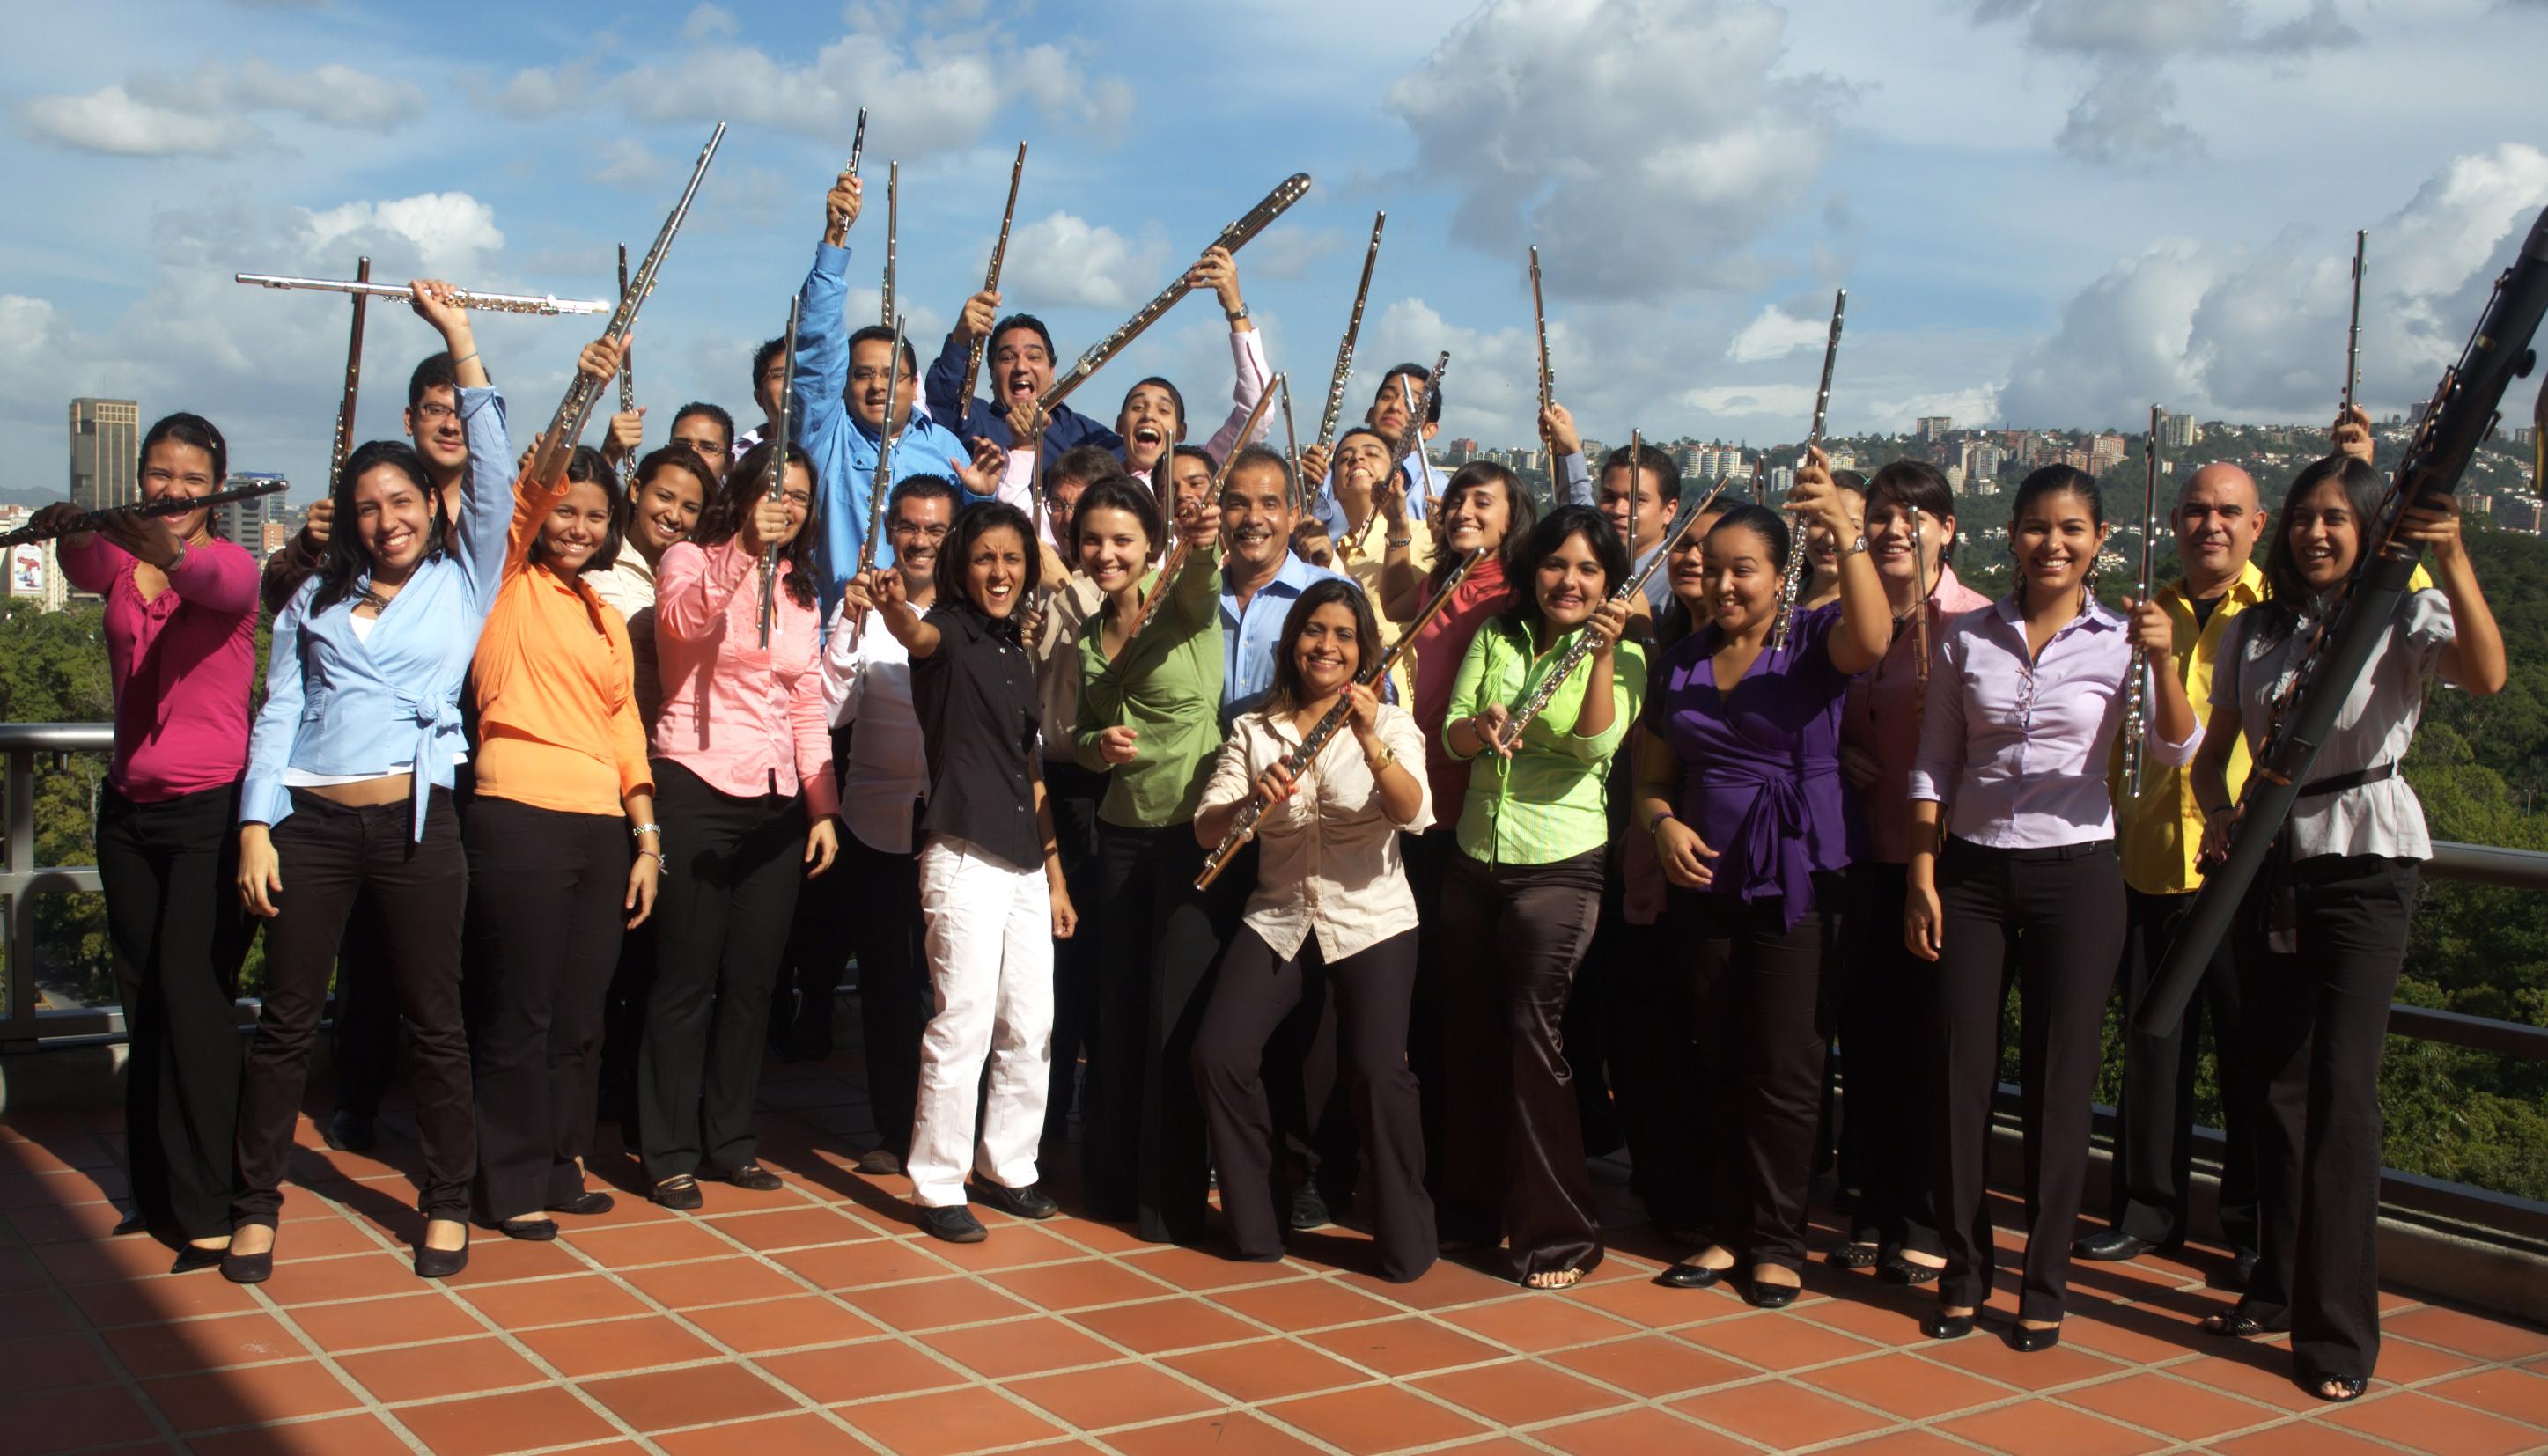 Gran concierto de la Orquesta Nacional de Flautas junto al Coro Infantil Venezuela y el Ensamble Vaäre